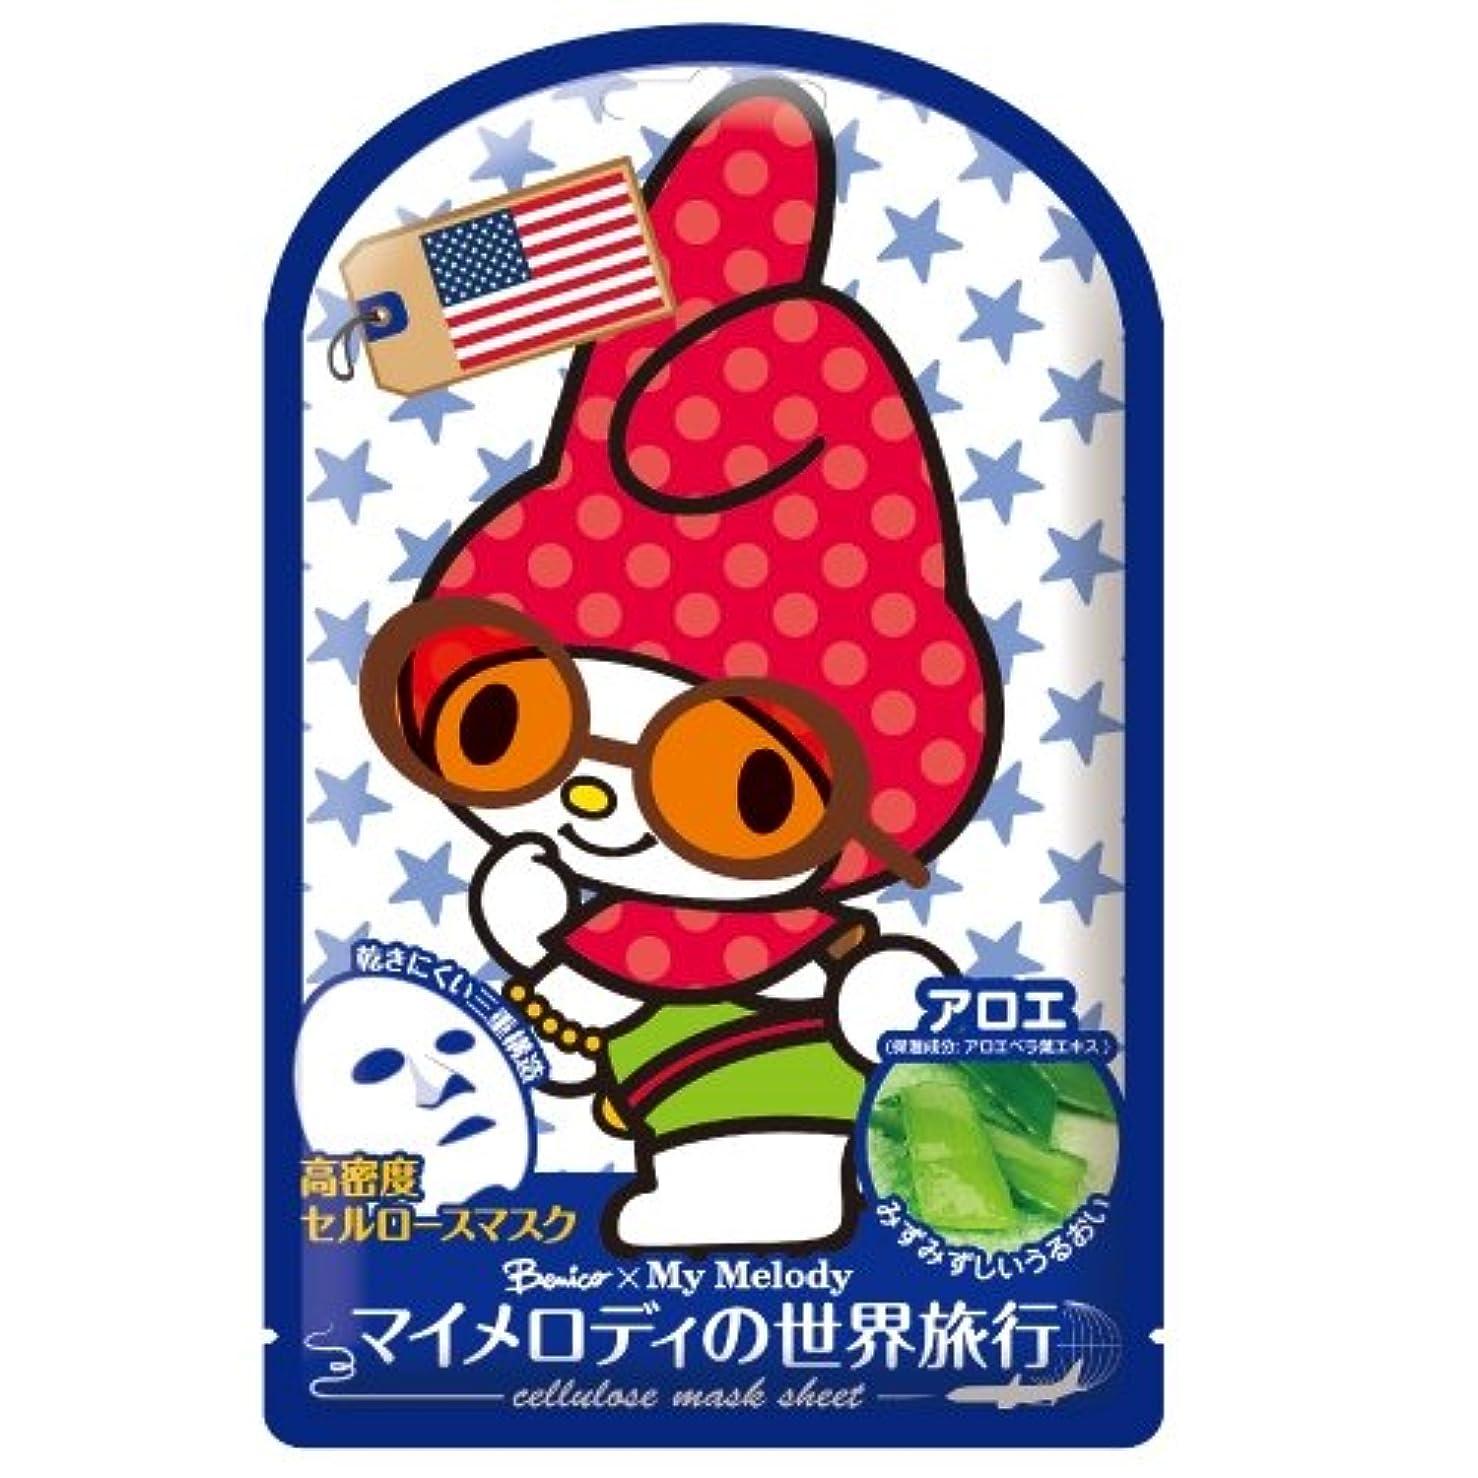 ベニコ マイメロディ 世界旅行マスクシート(アメリカ) 1枚入